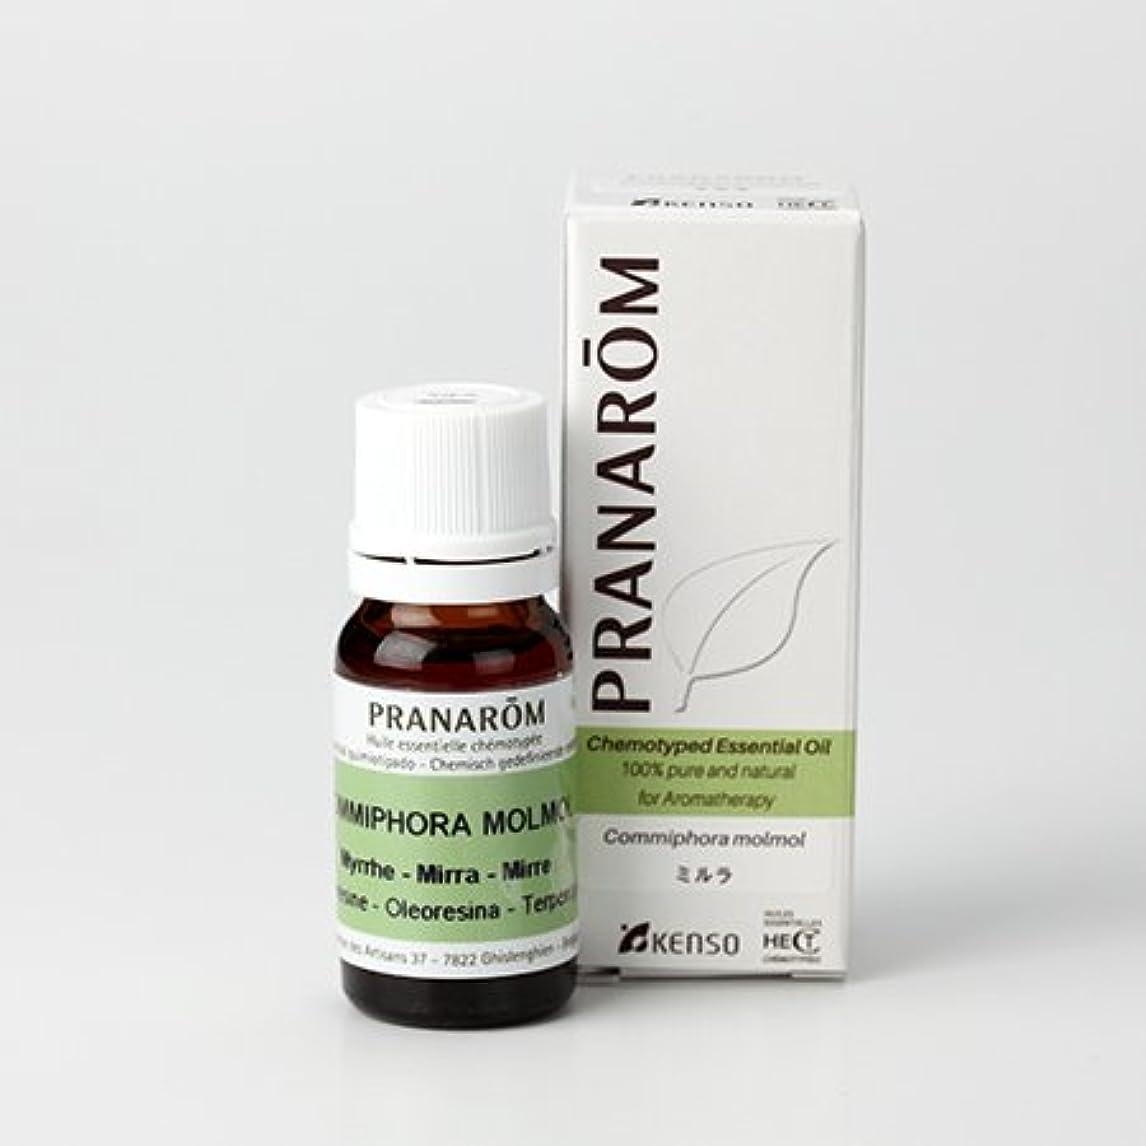 服乱気流噂【ミルラ 10ml】→ムスクに似た深い香り?(樹脂系)[PRANAROM(プラナロム)精油/アロマオイル/エッセンシャルオイル]P-48